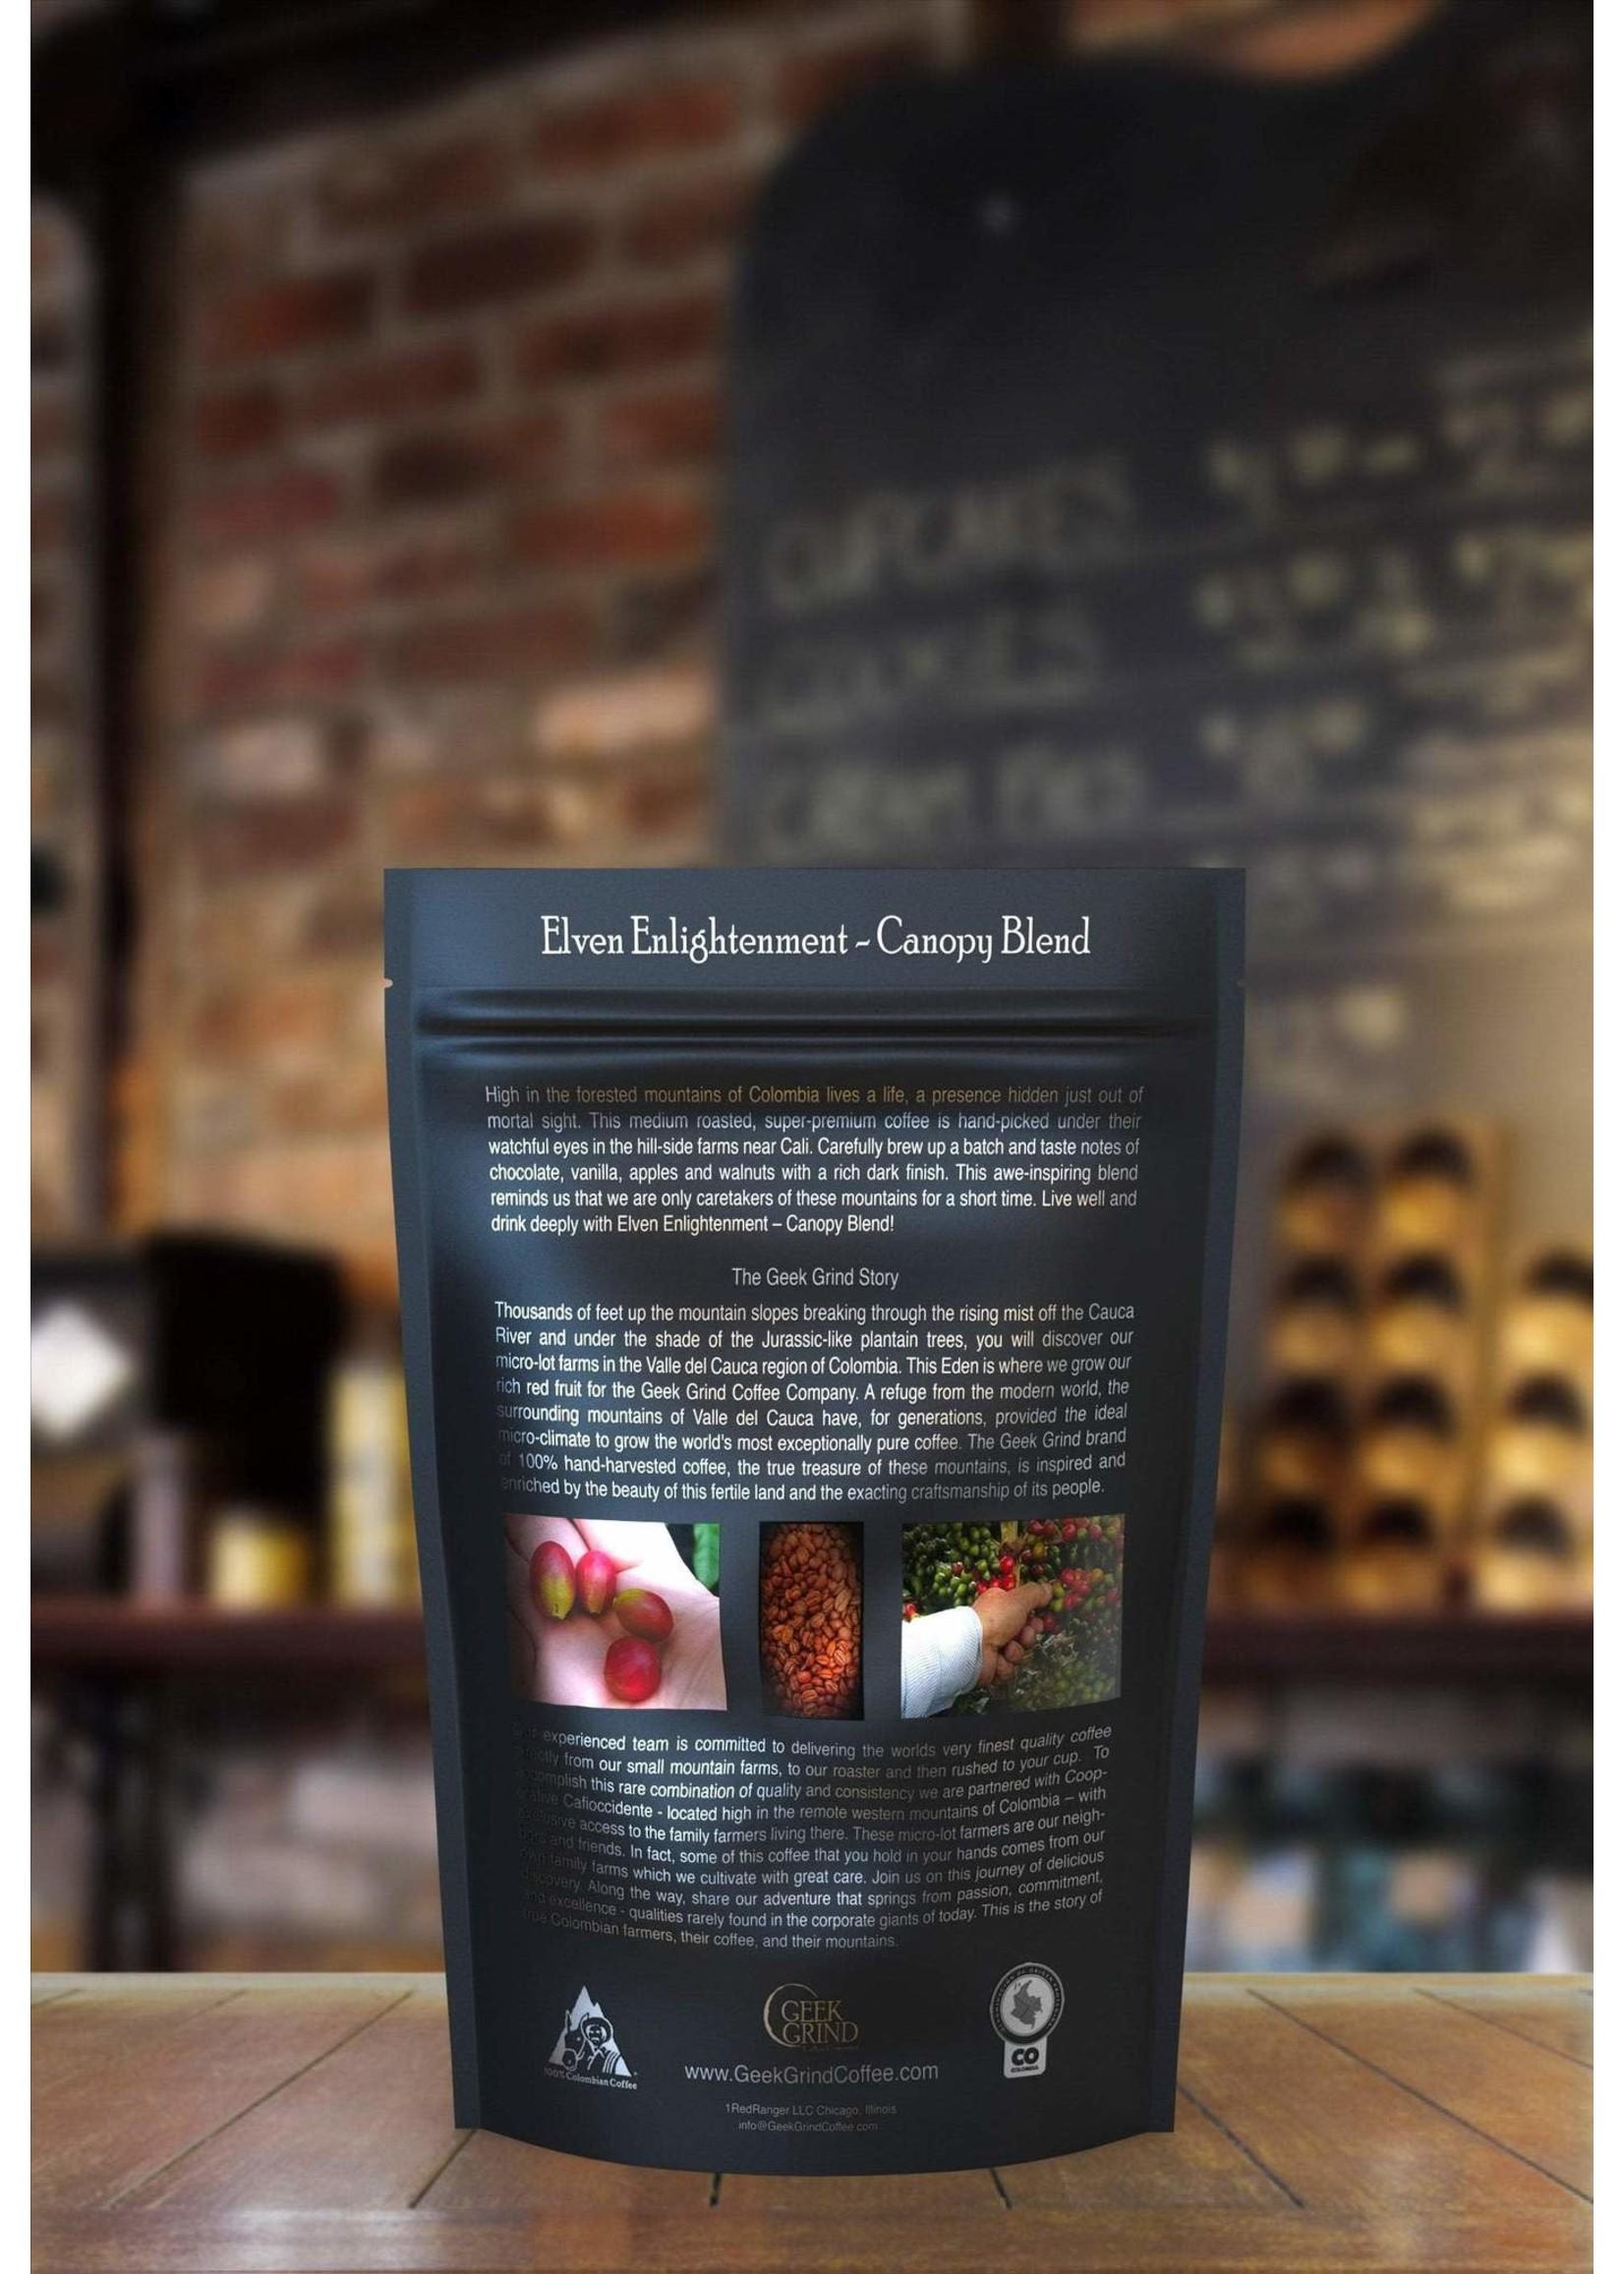 Geek Grind Elven Enlightenment - Canopy Blend - Medium Roast Coffee- 12 oz. Individual Bag